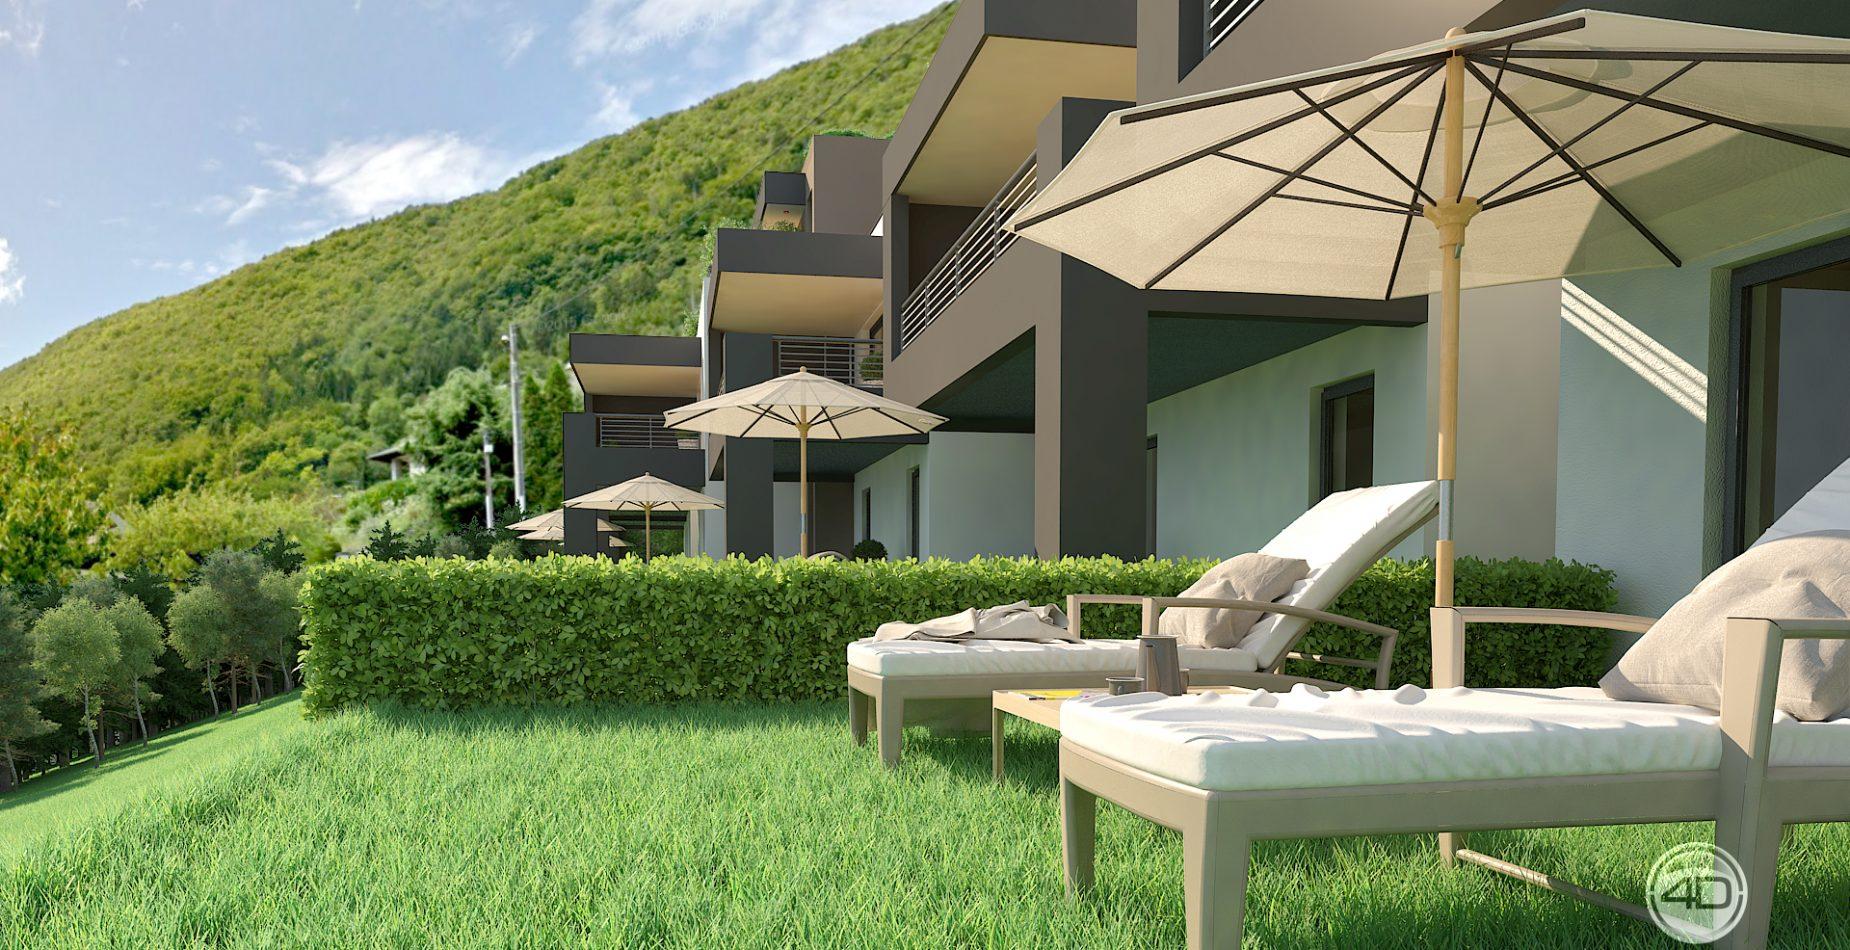 Edificio_4D-univers-townhouse_lac_annecy_3D-villa_00003